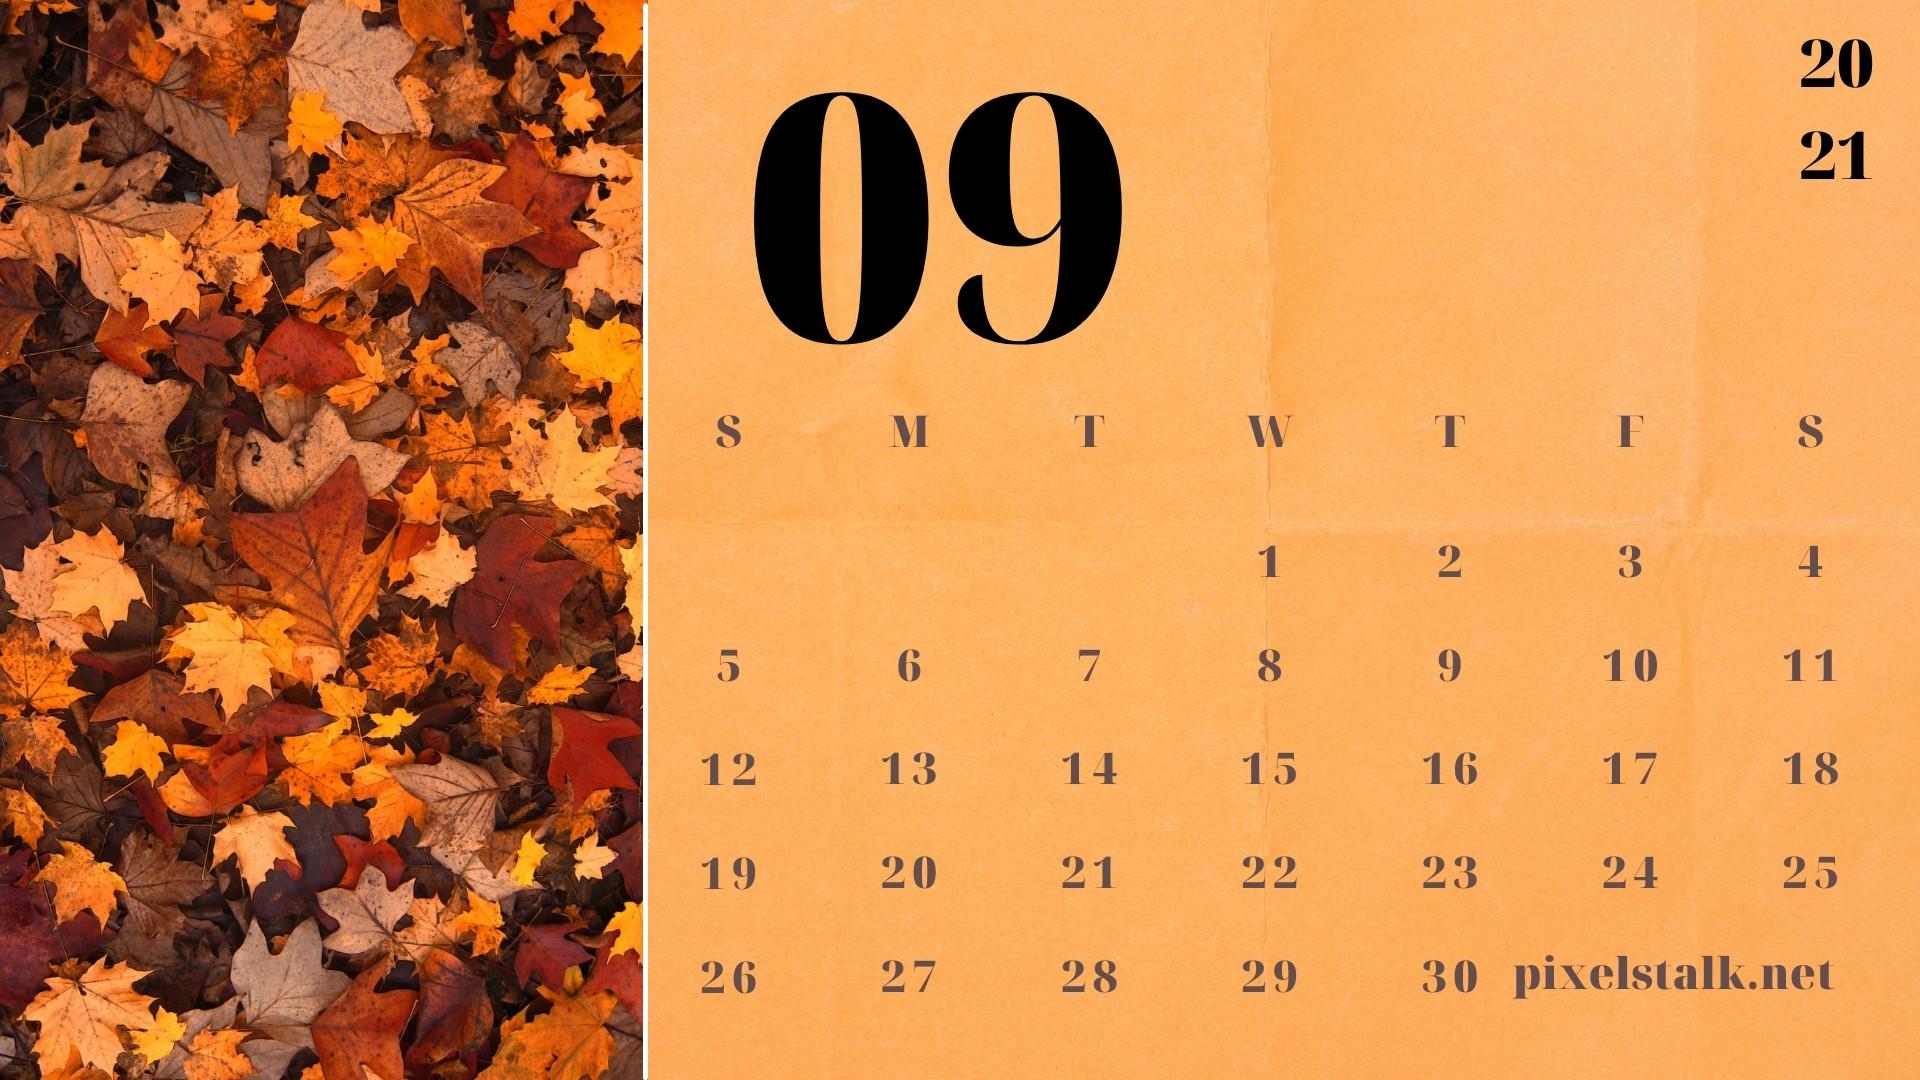 September 2021 Calendar Wallpapers 1920x1080